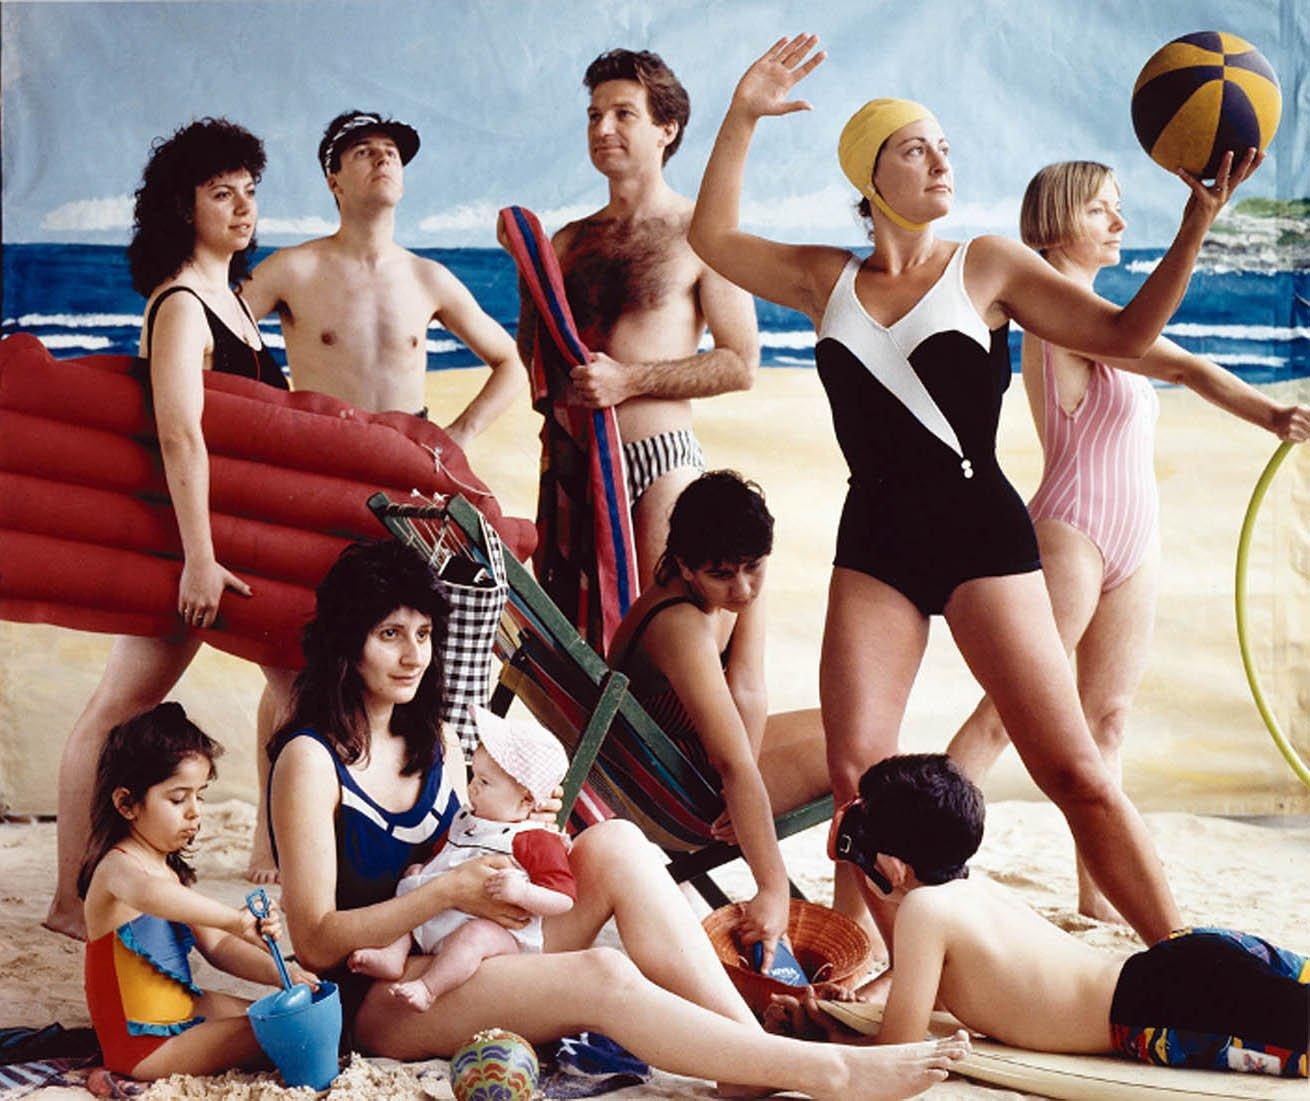 Anne Zahalka, The bathers, 1989